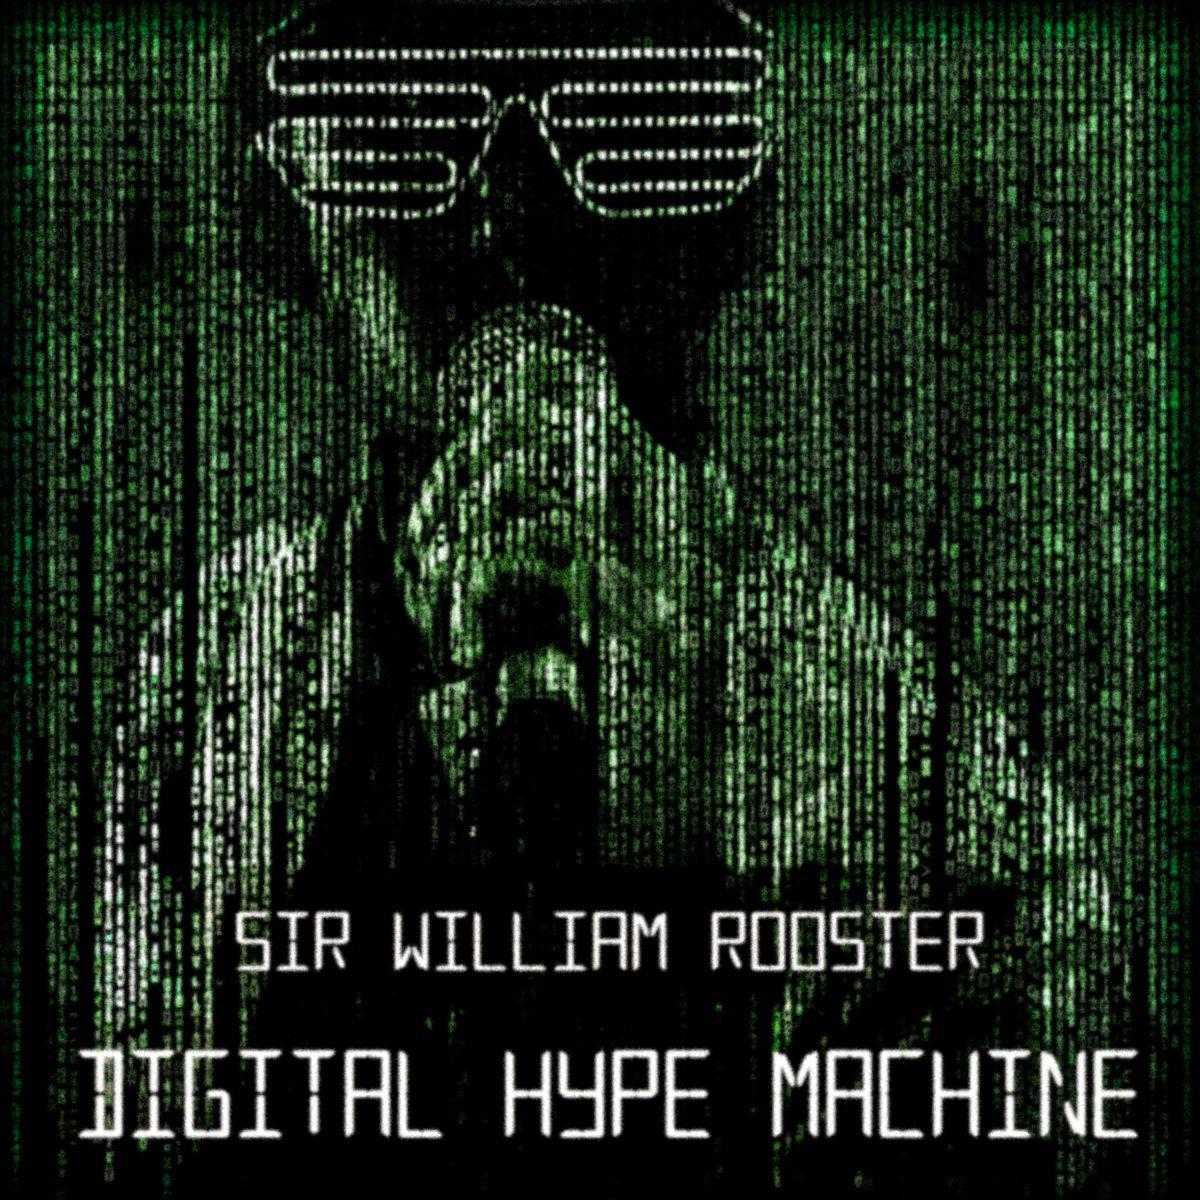 SirWilliamRooster1.jpg